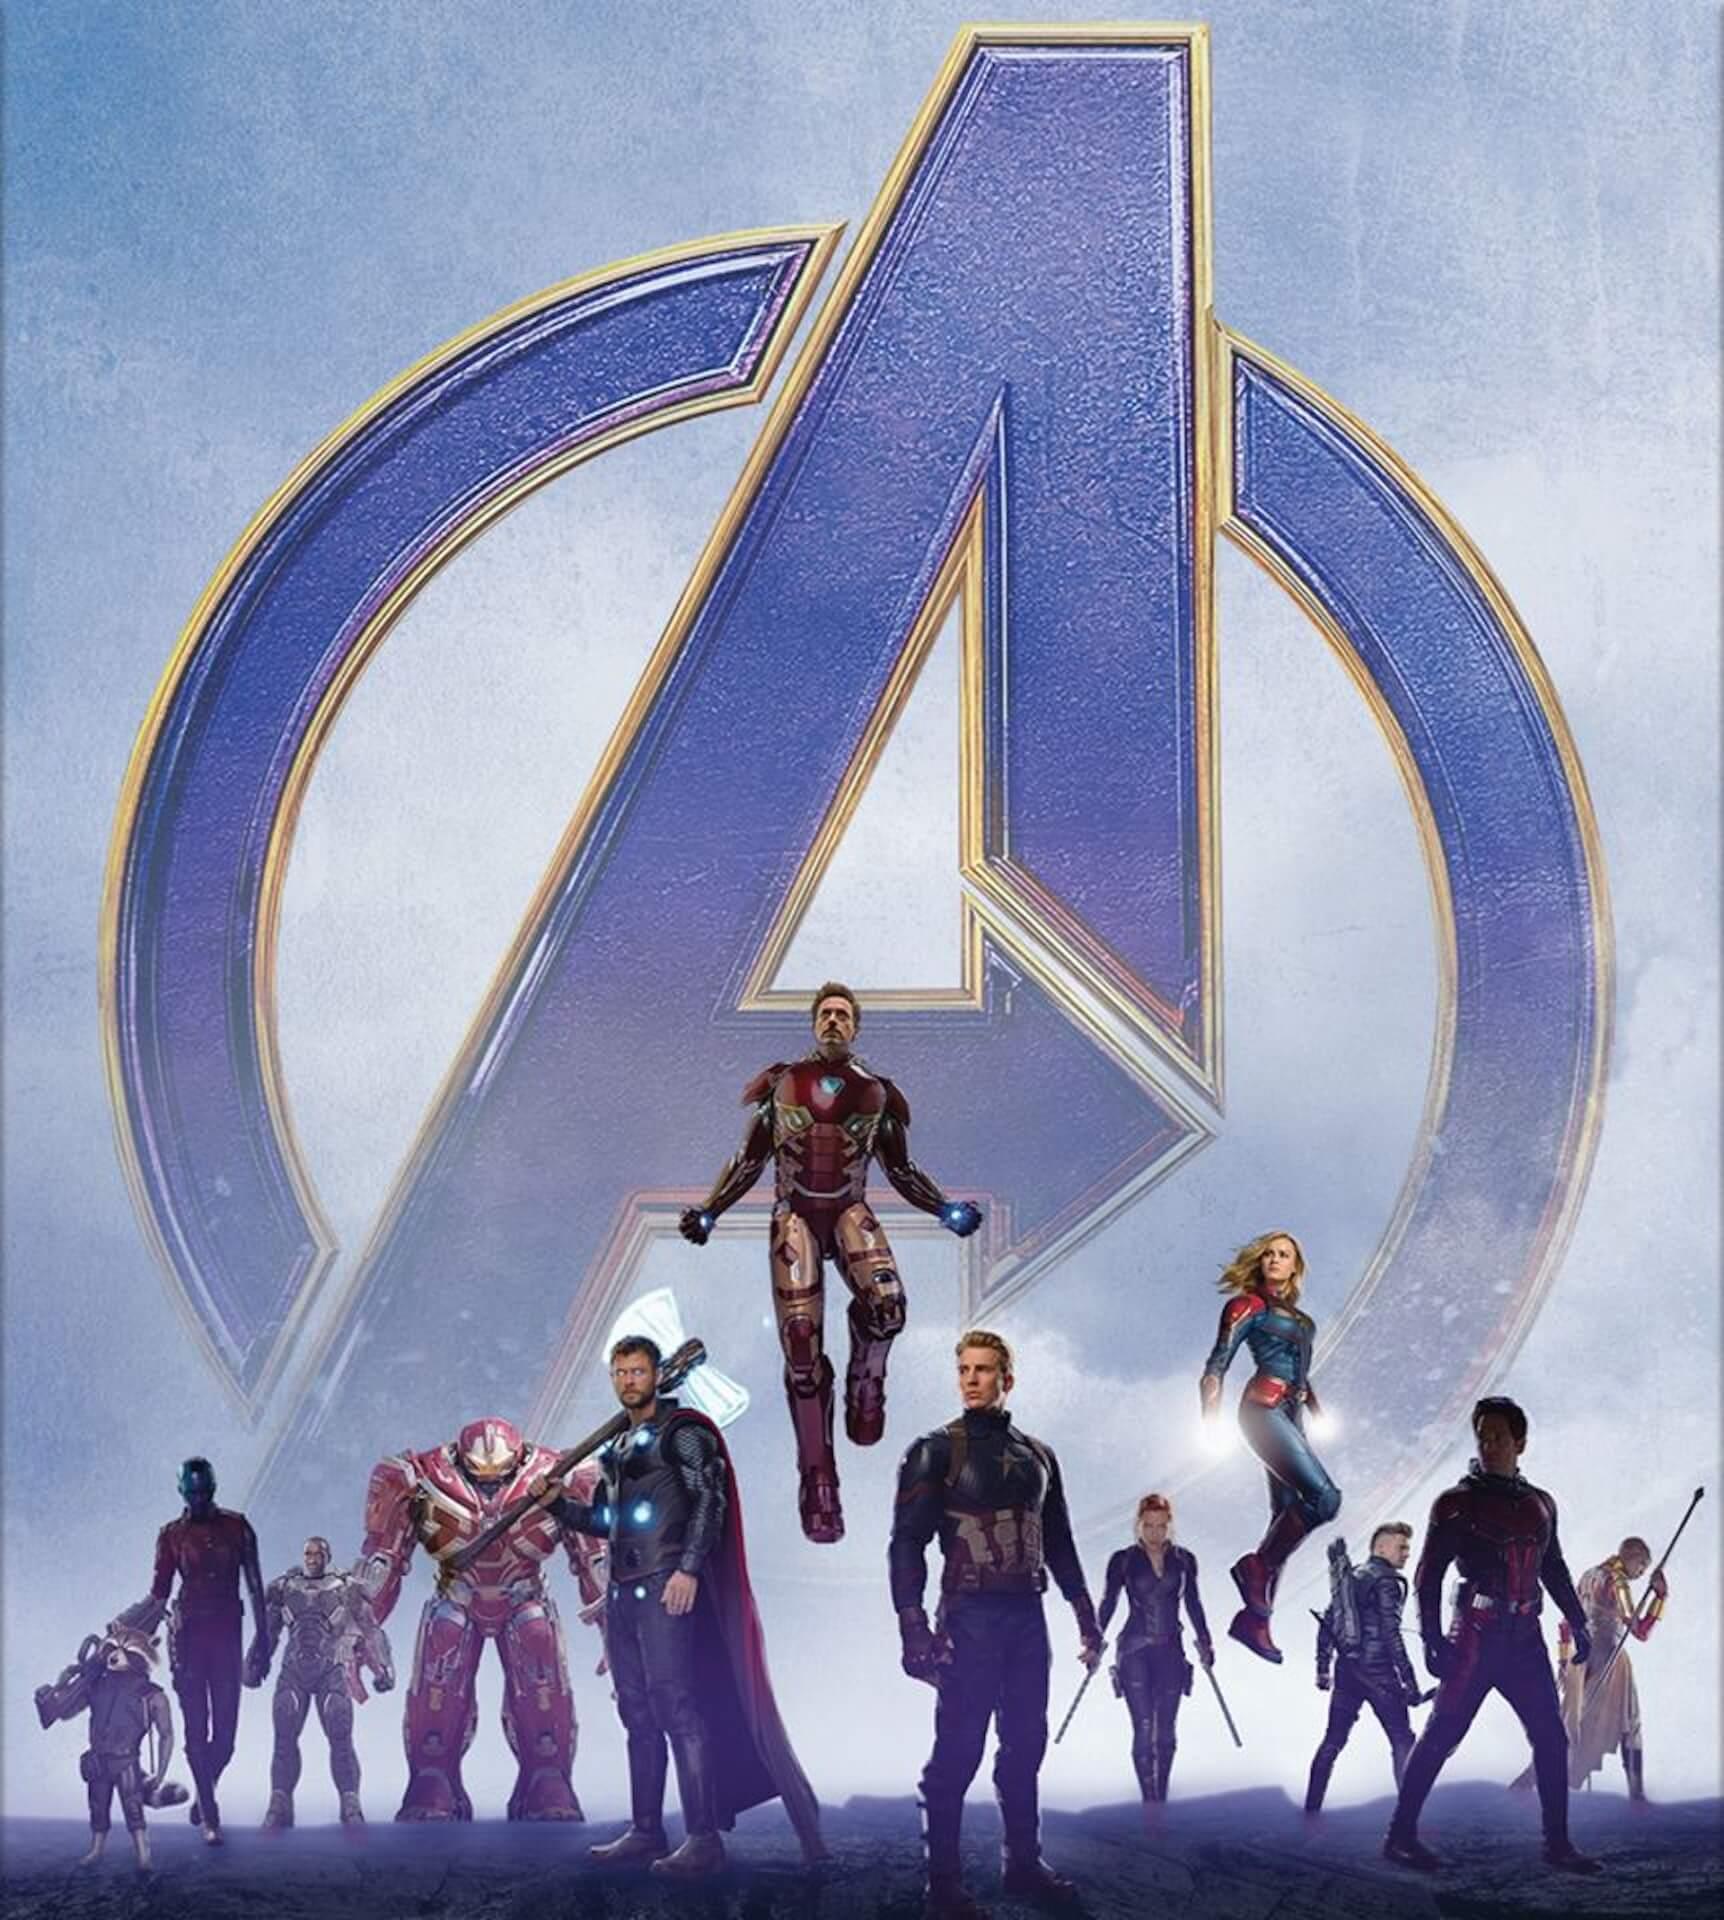 『アベンジャーズ/エンドゲーム』には隠された要素がたくさんあった!同時鑑賞会で監督・ルッソ兄弟が舞台裏を実況 film200428_avengers_endgame_main